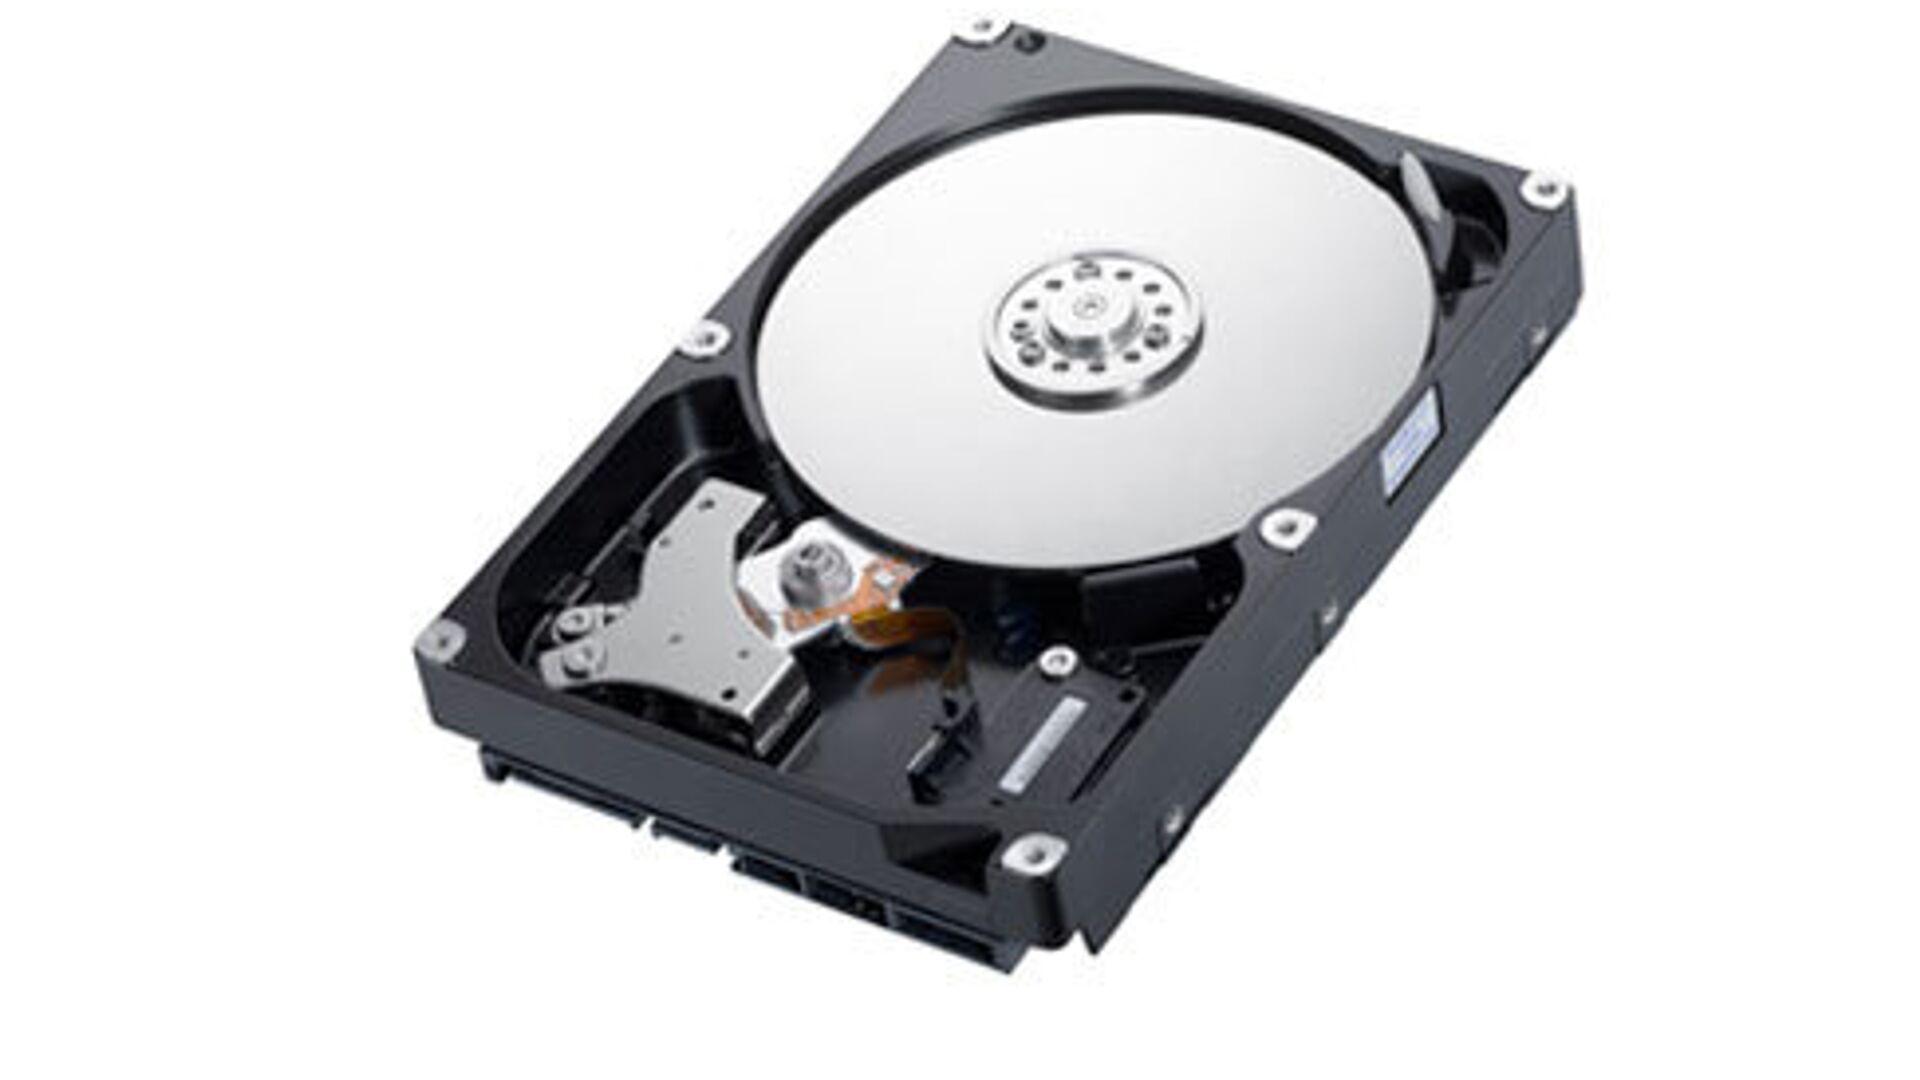 Майнеры устроили ажиотаж на рынке жестких дисков из-за криптовалюты Chia